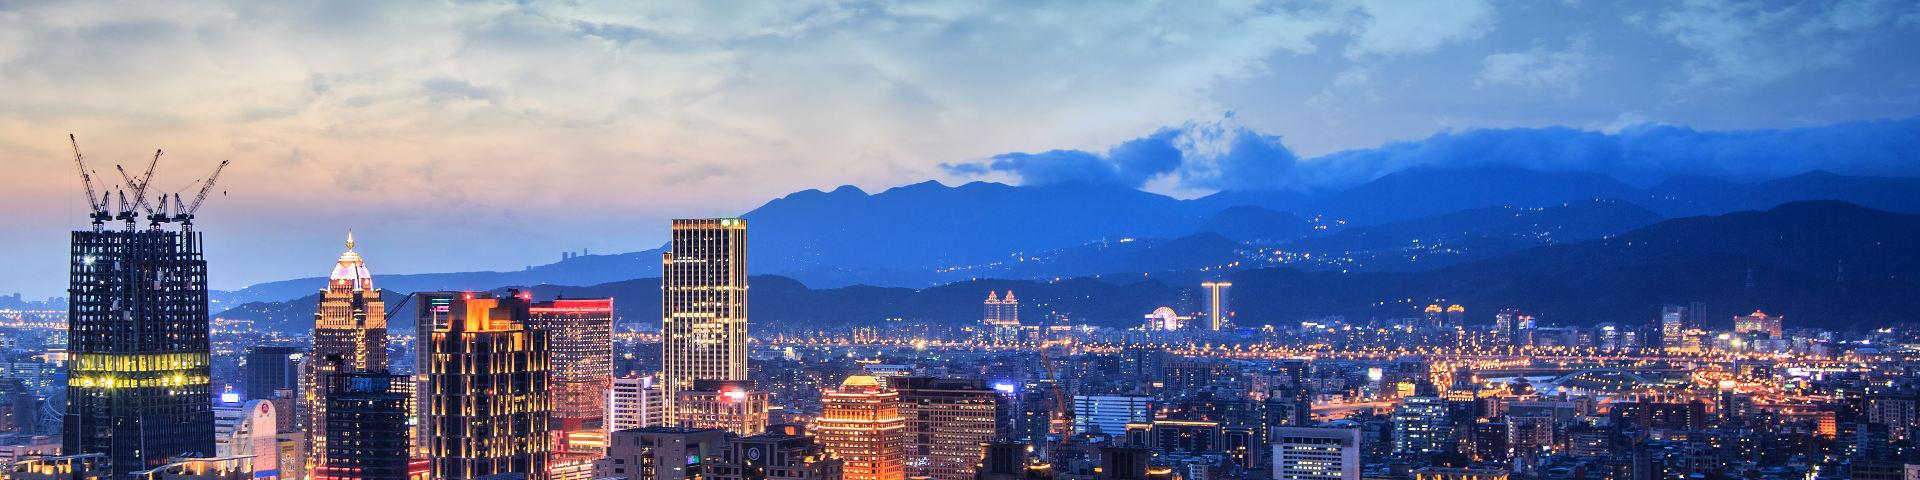 Taipei city view